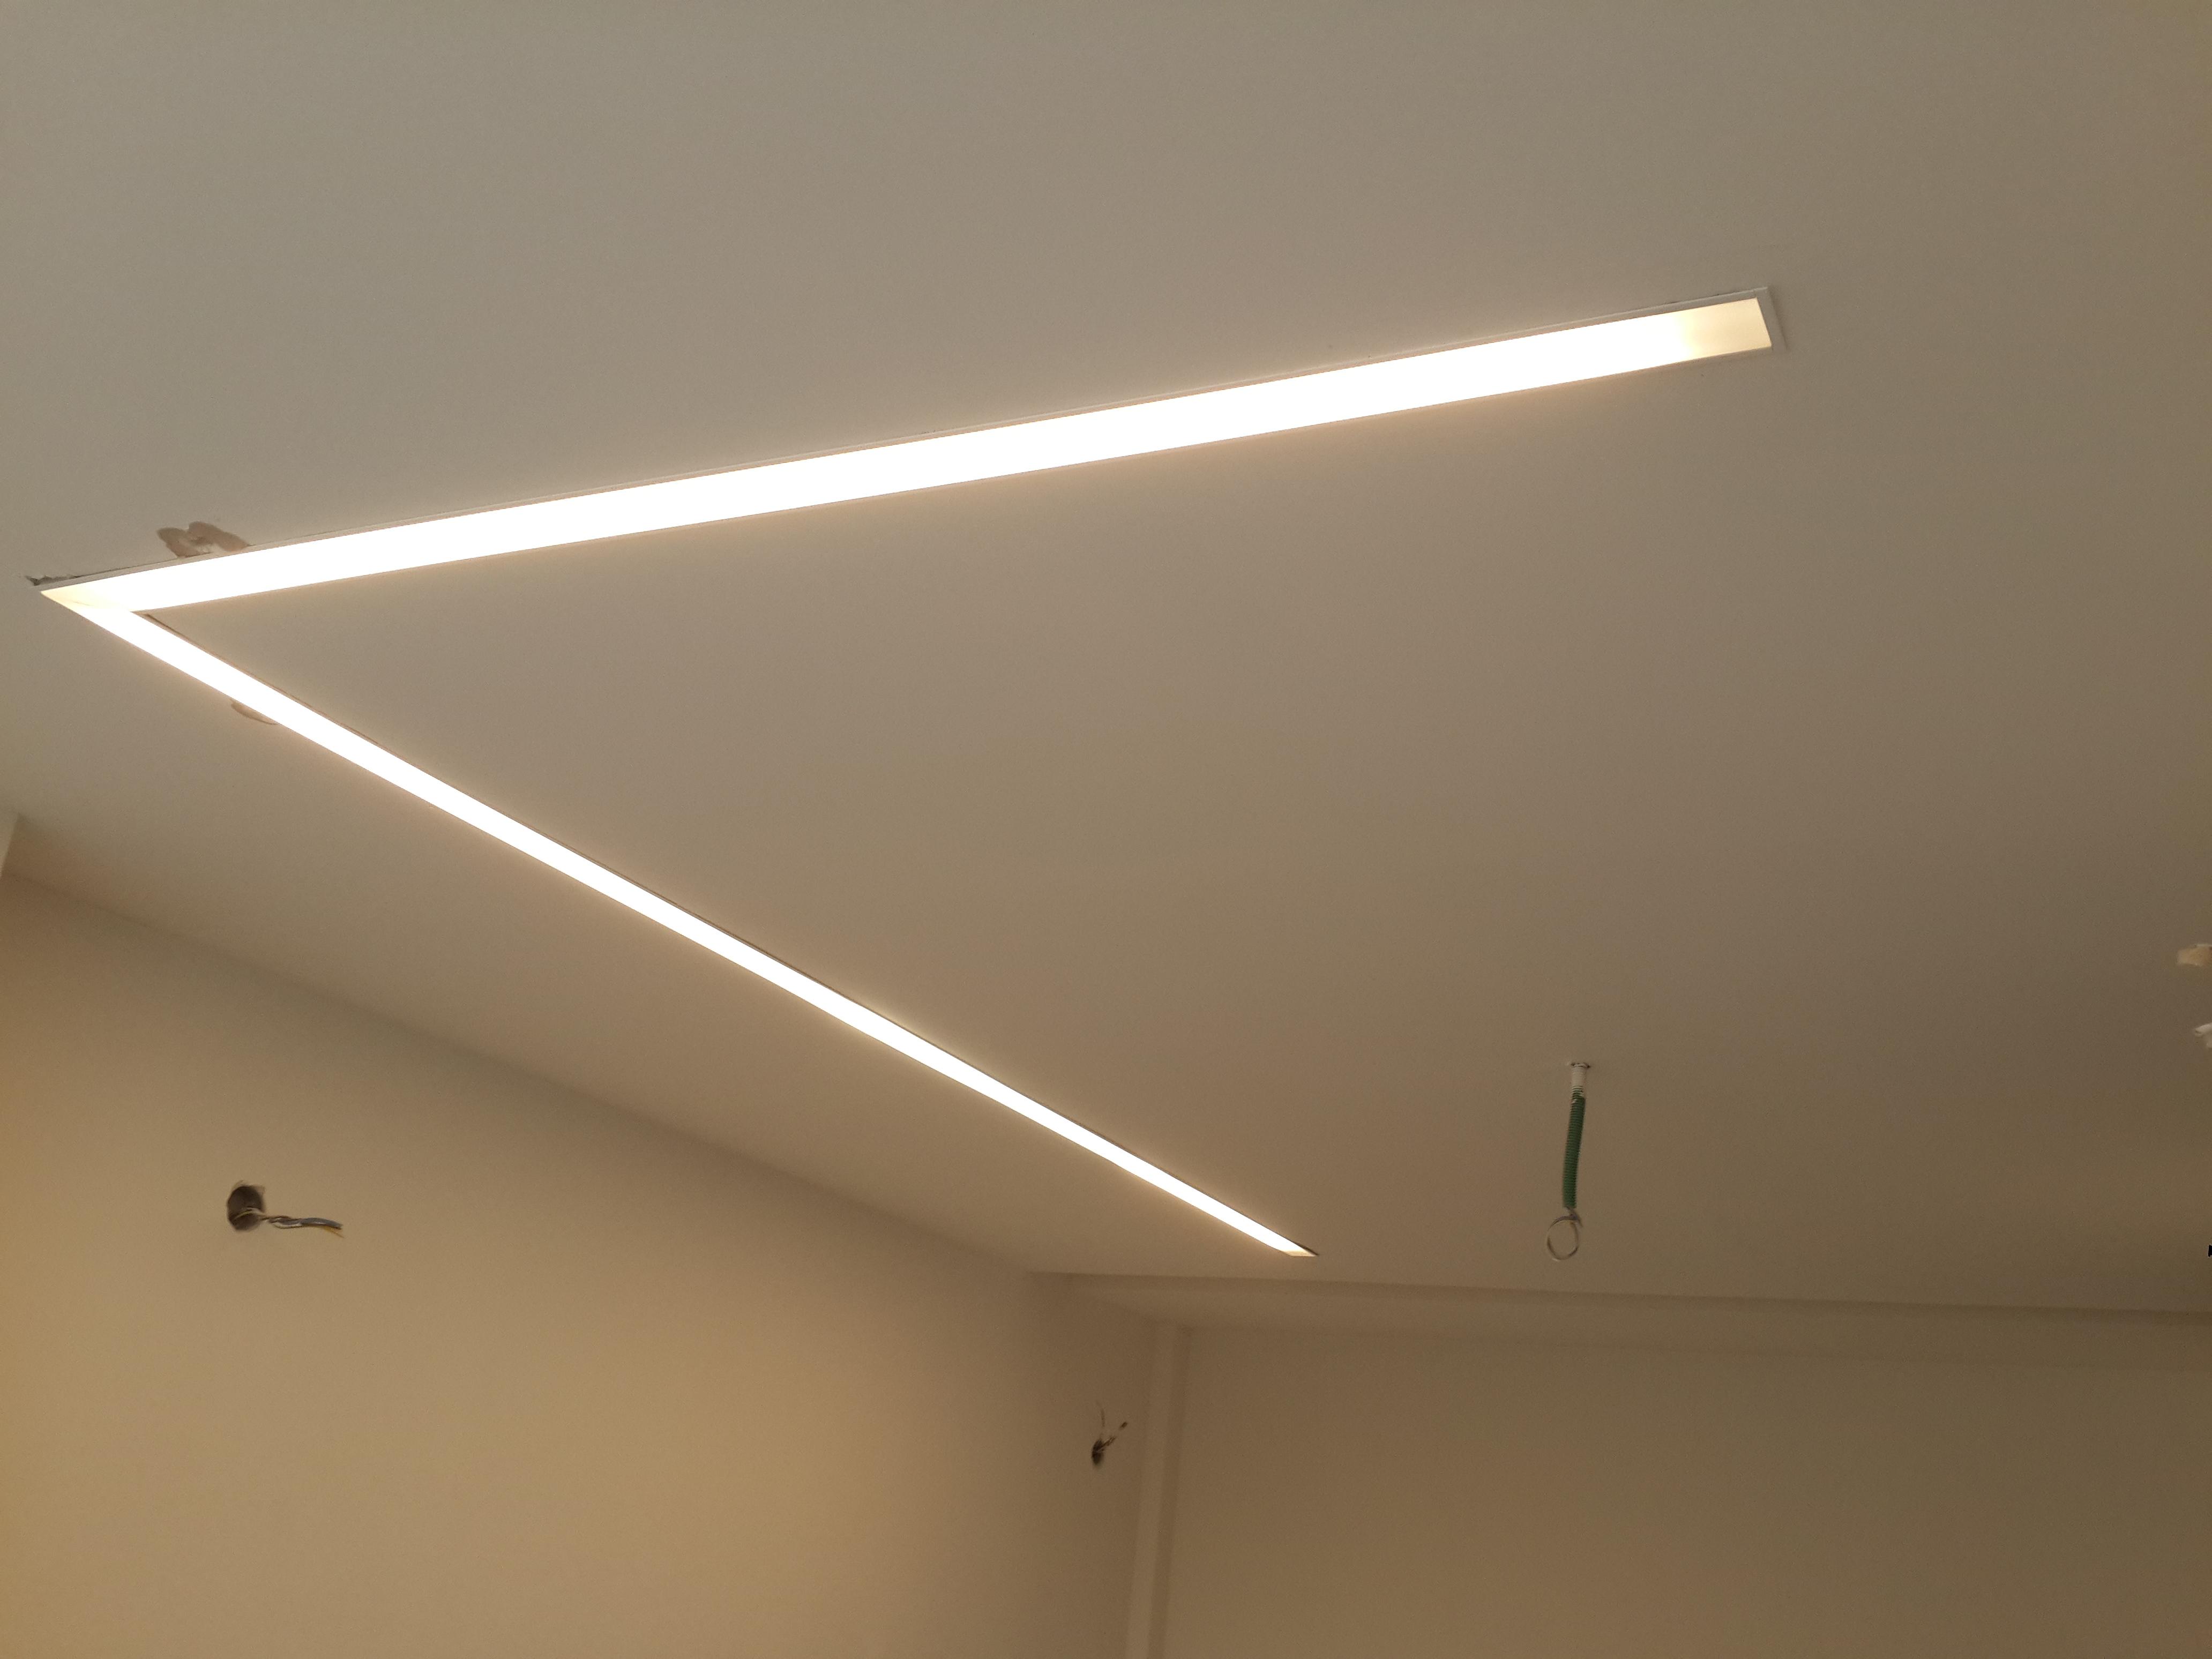 התקנת גופי תאורה מעוצבים